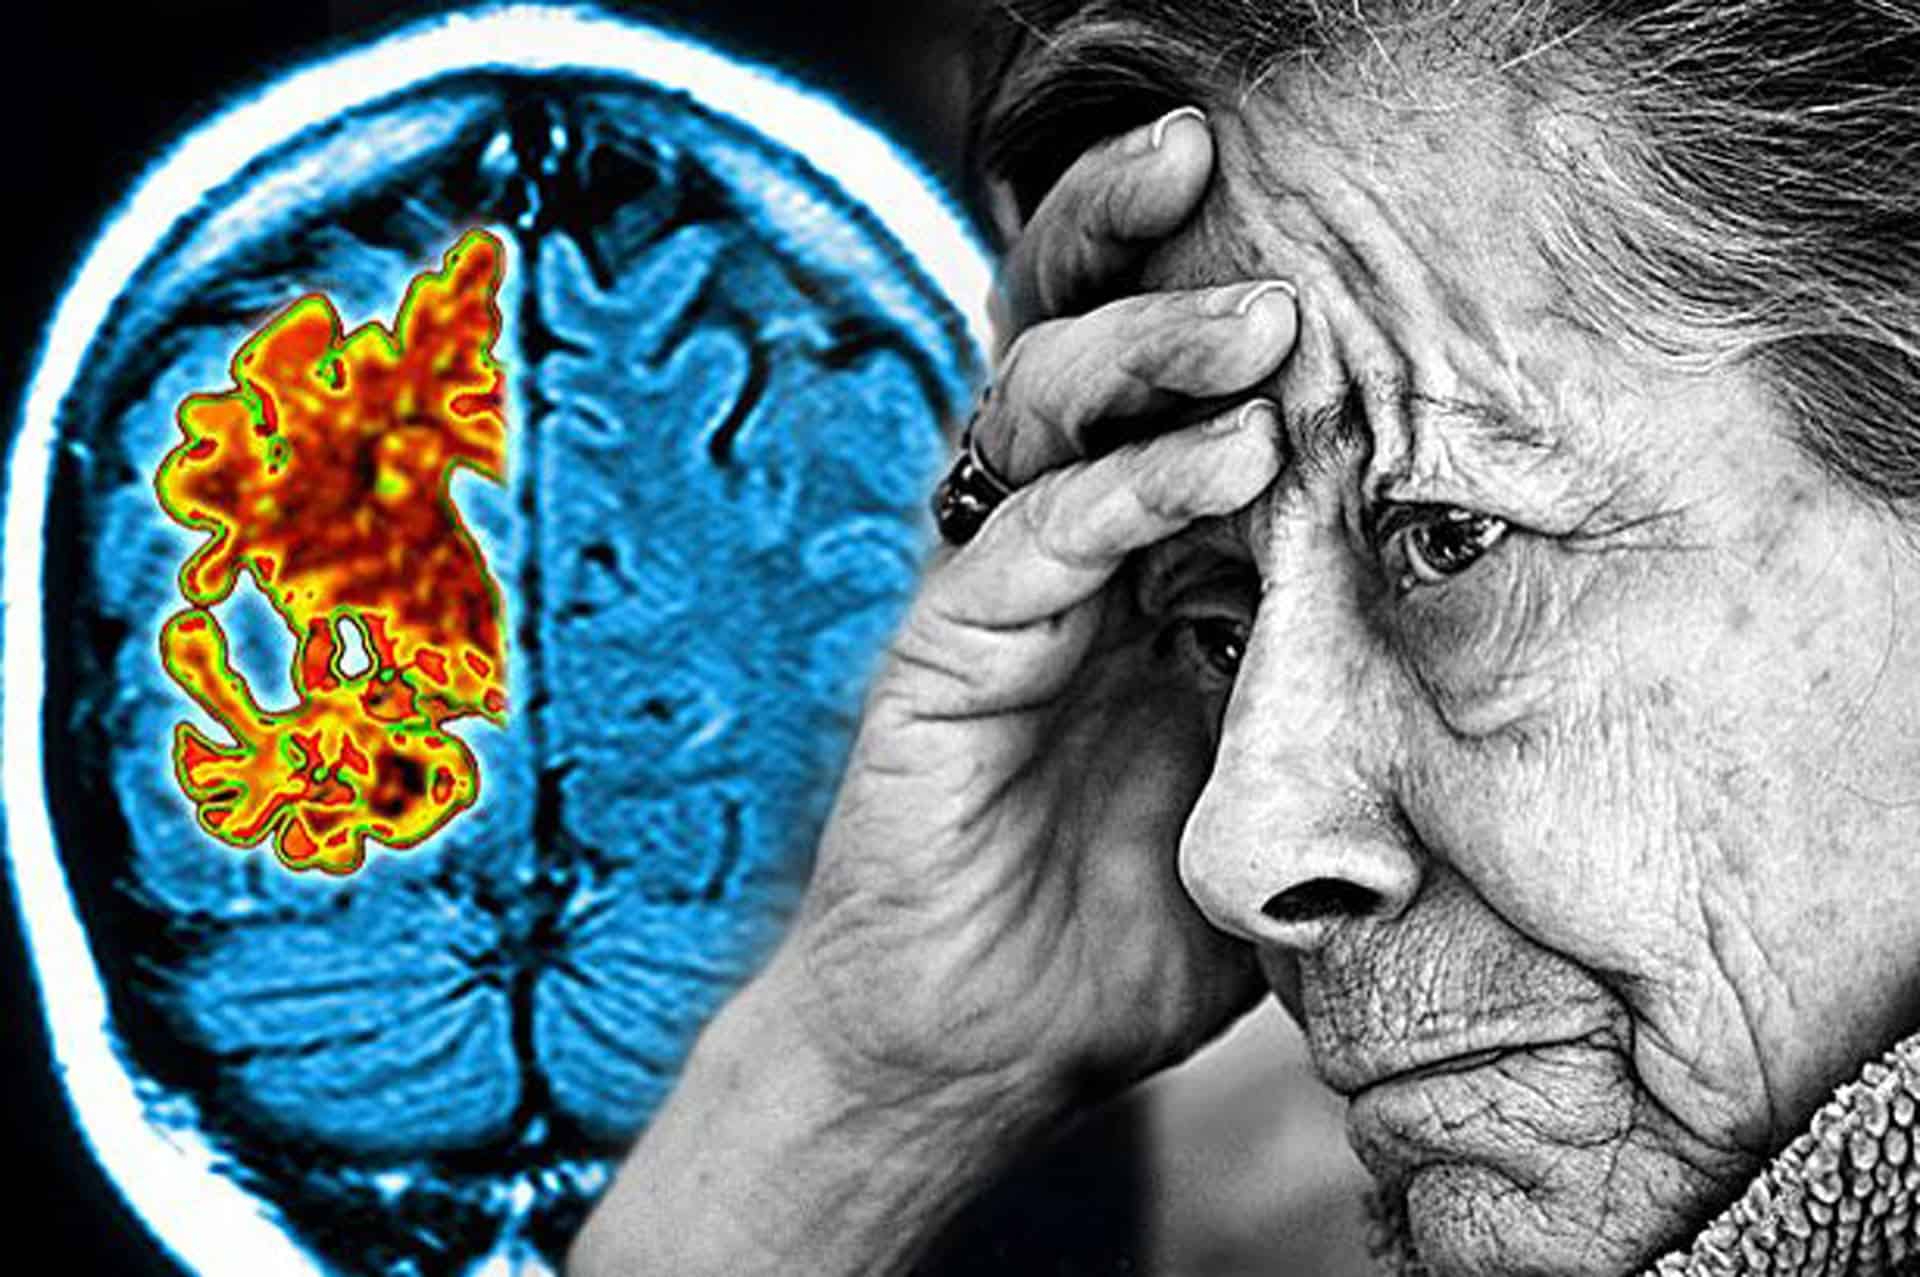 Нейросеть сможет распознавать ранние признаки болезни Альцгеймера